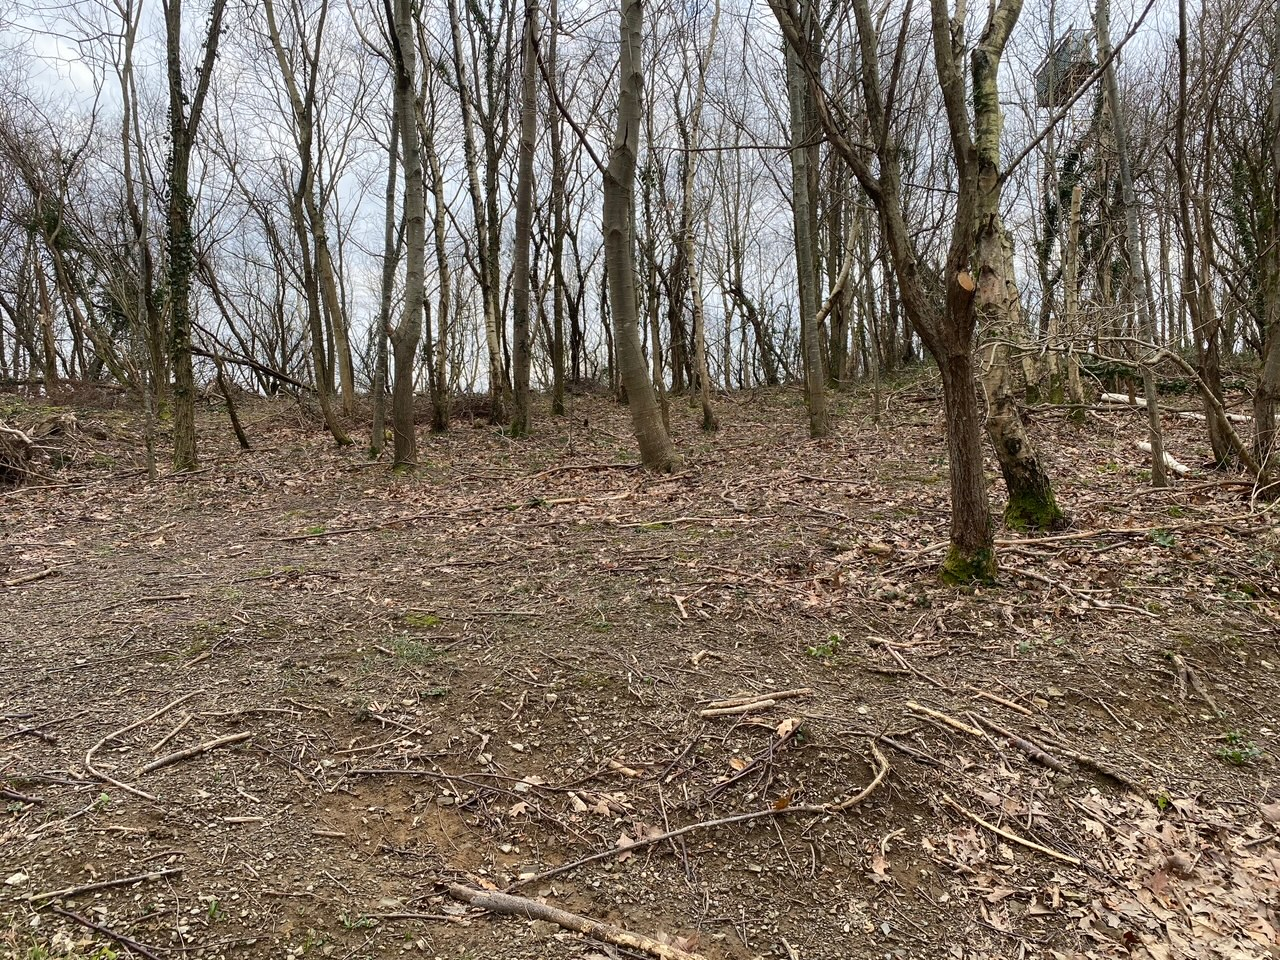 Terreno arbolado en Ventas de Irun.11543 m2.Informate